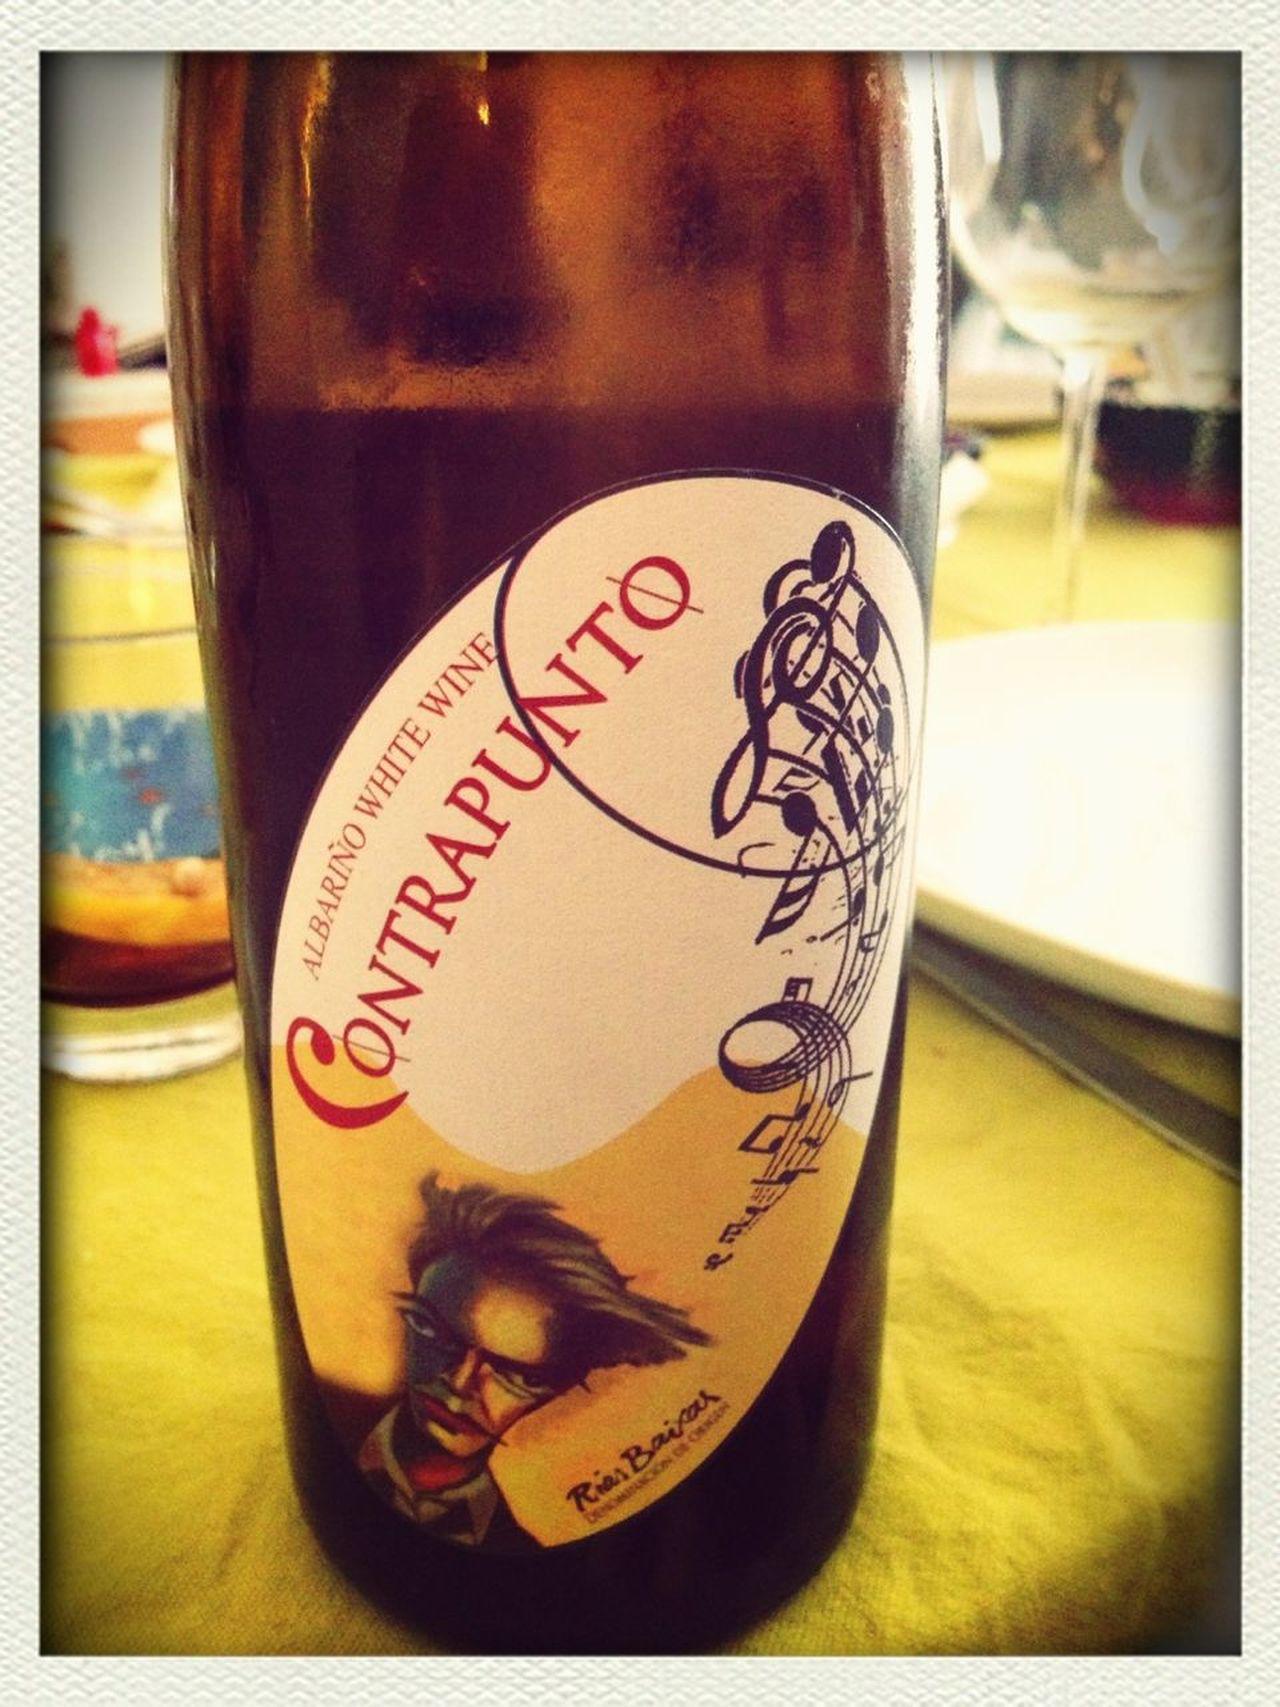 White Wine Wine Label Albariño Contrapunto